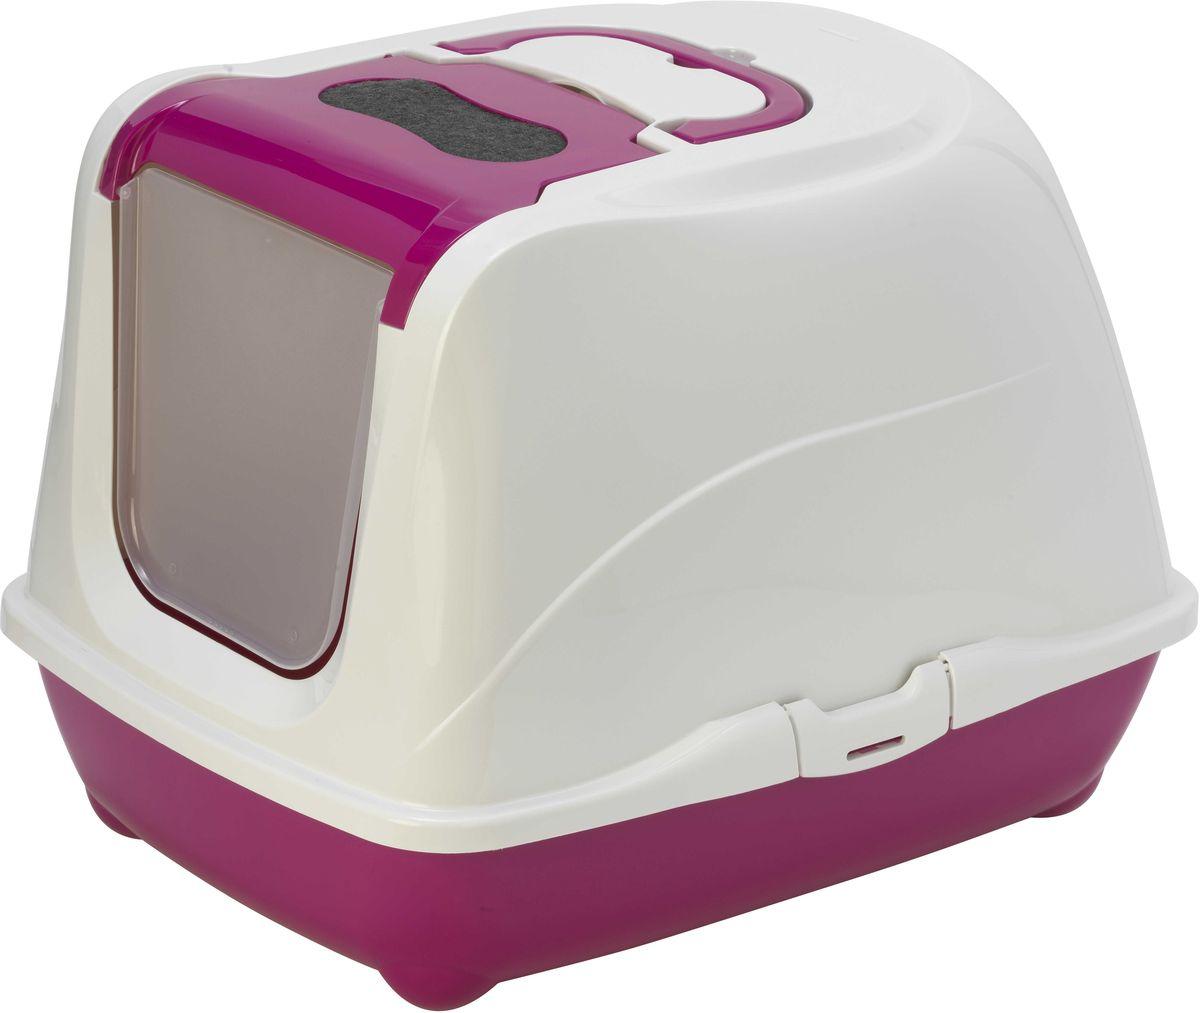 Туалет закрытый Moderna Flip Cat, для больших кошек, цвет: ярко-розовый, 58 х 45 х 42 см14C240328